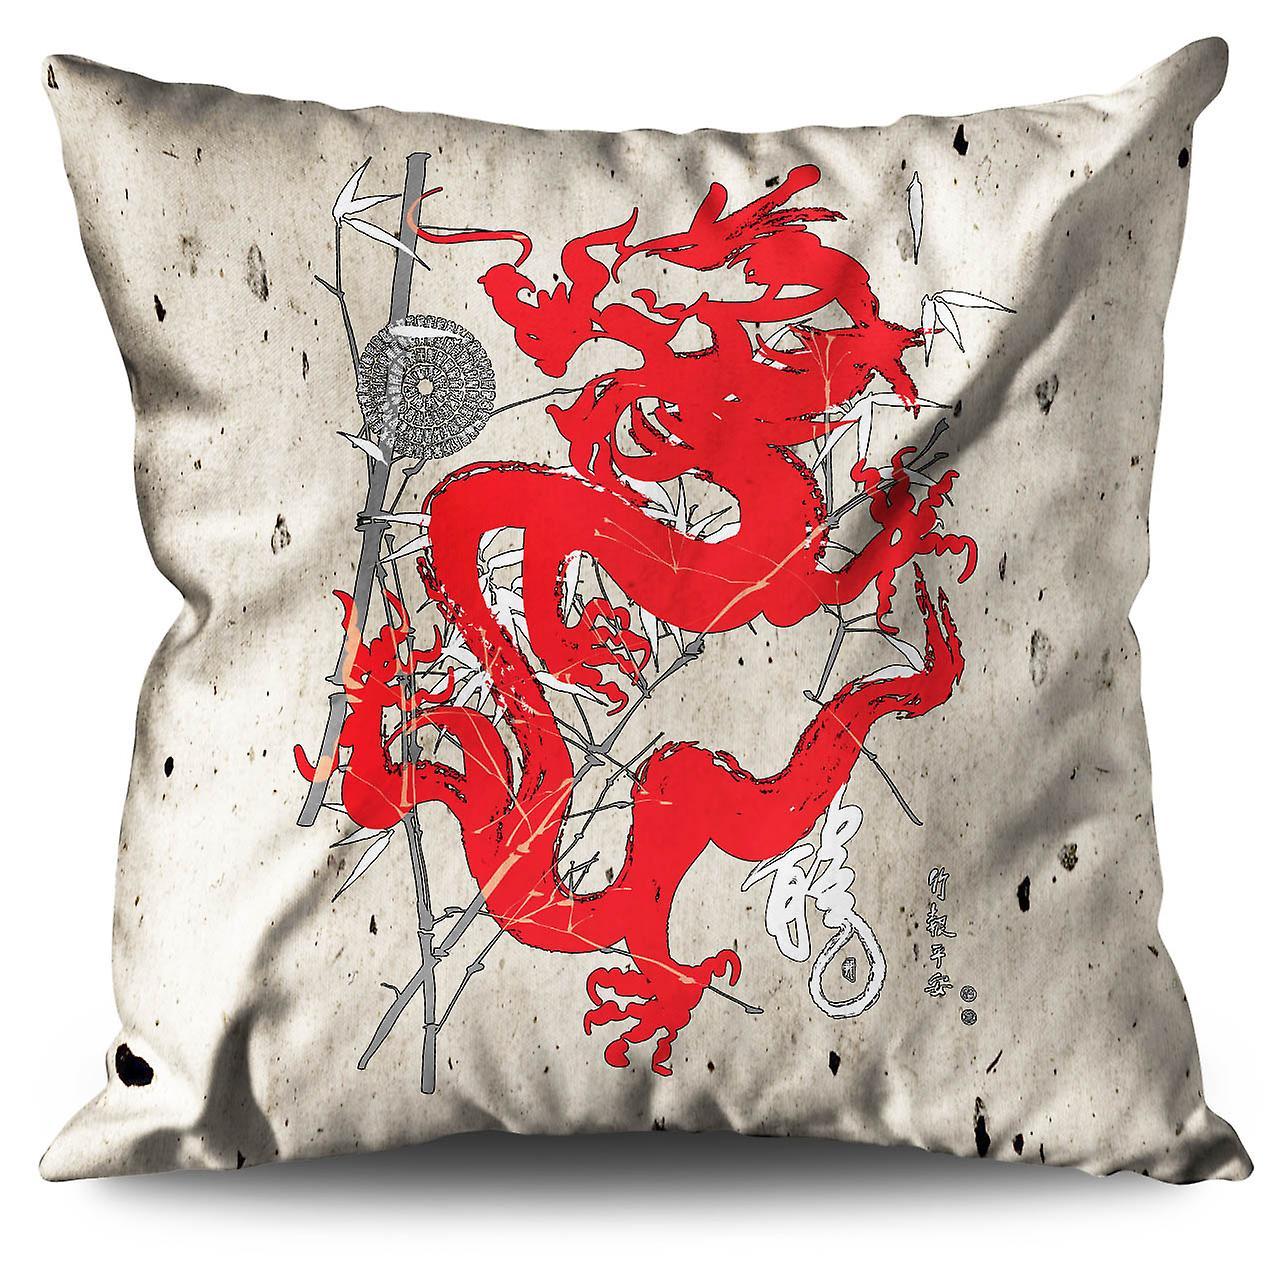 Mystique Cm Coussin Dragon XWellcoda 30 Fantasy Lin TlFc35u1JK